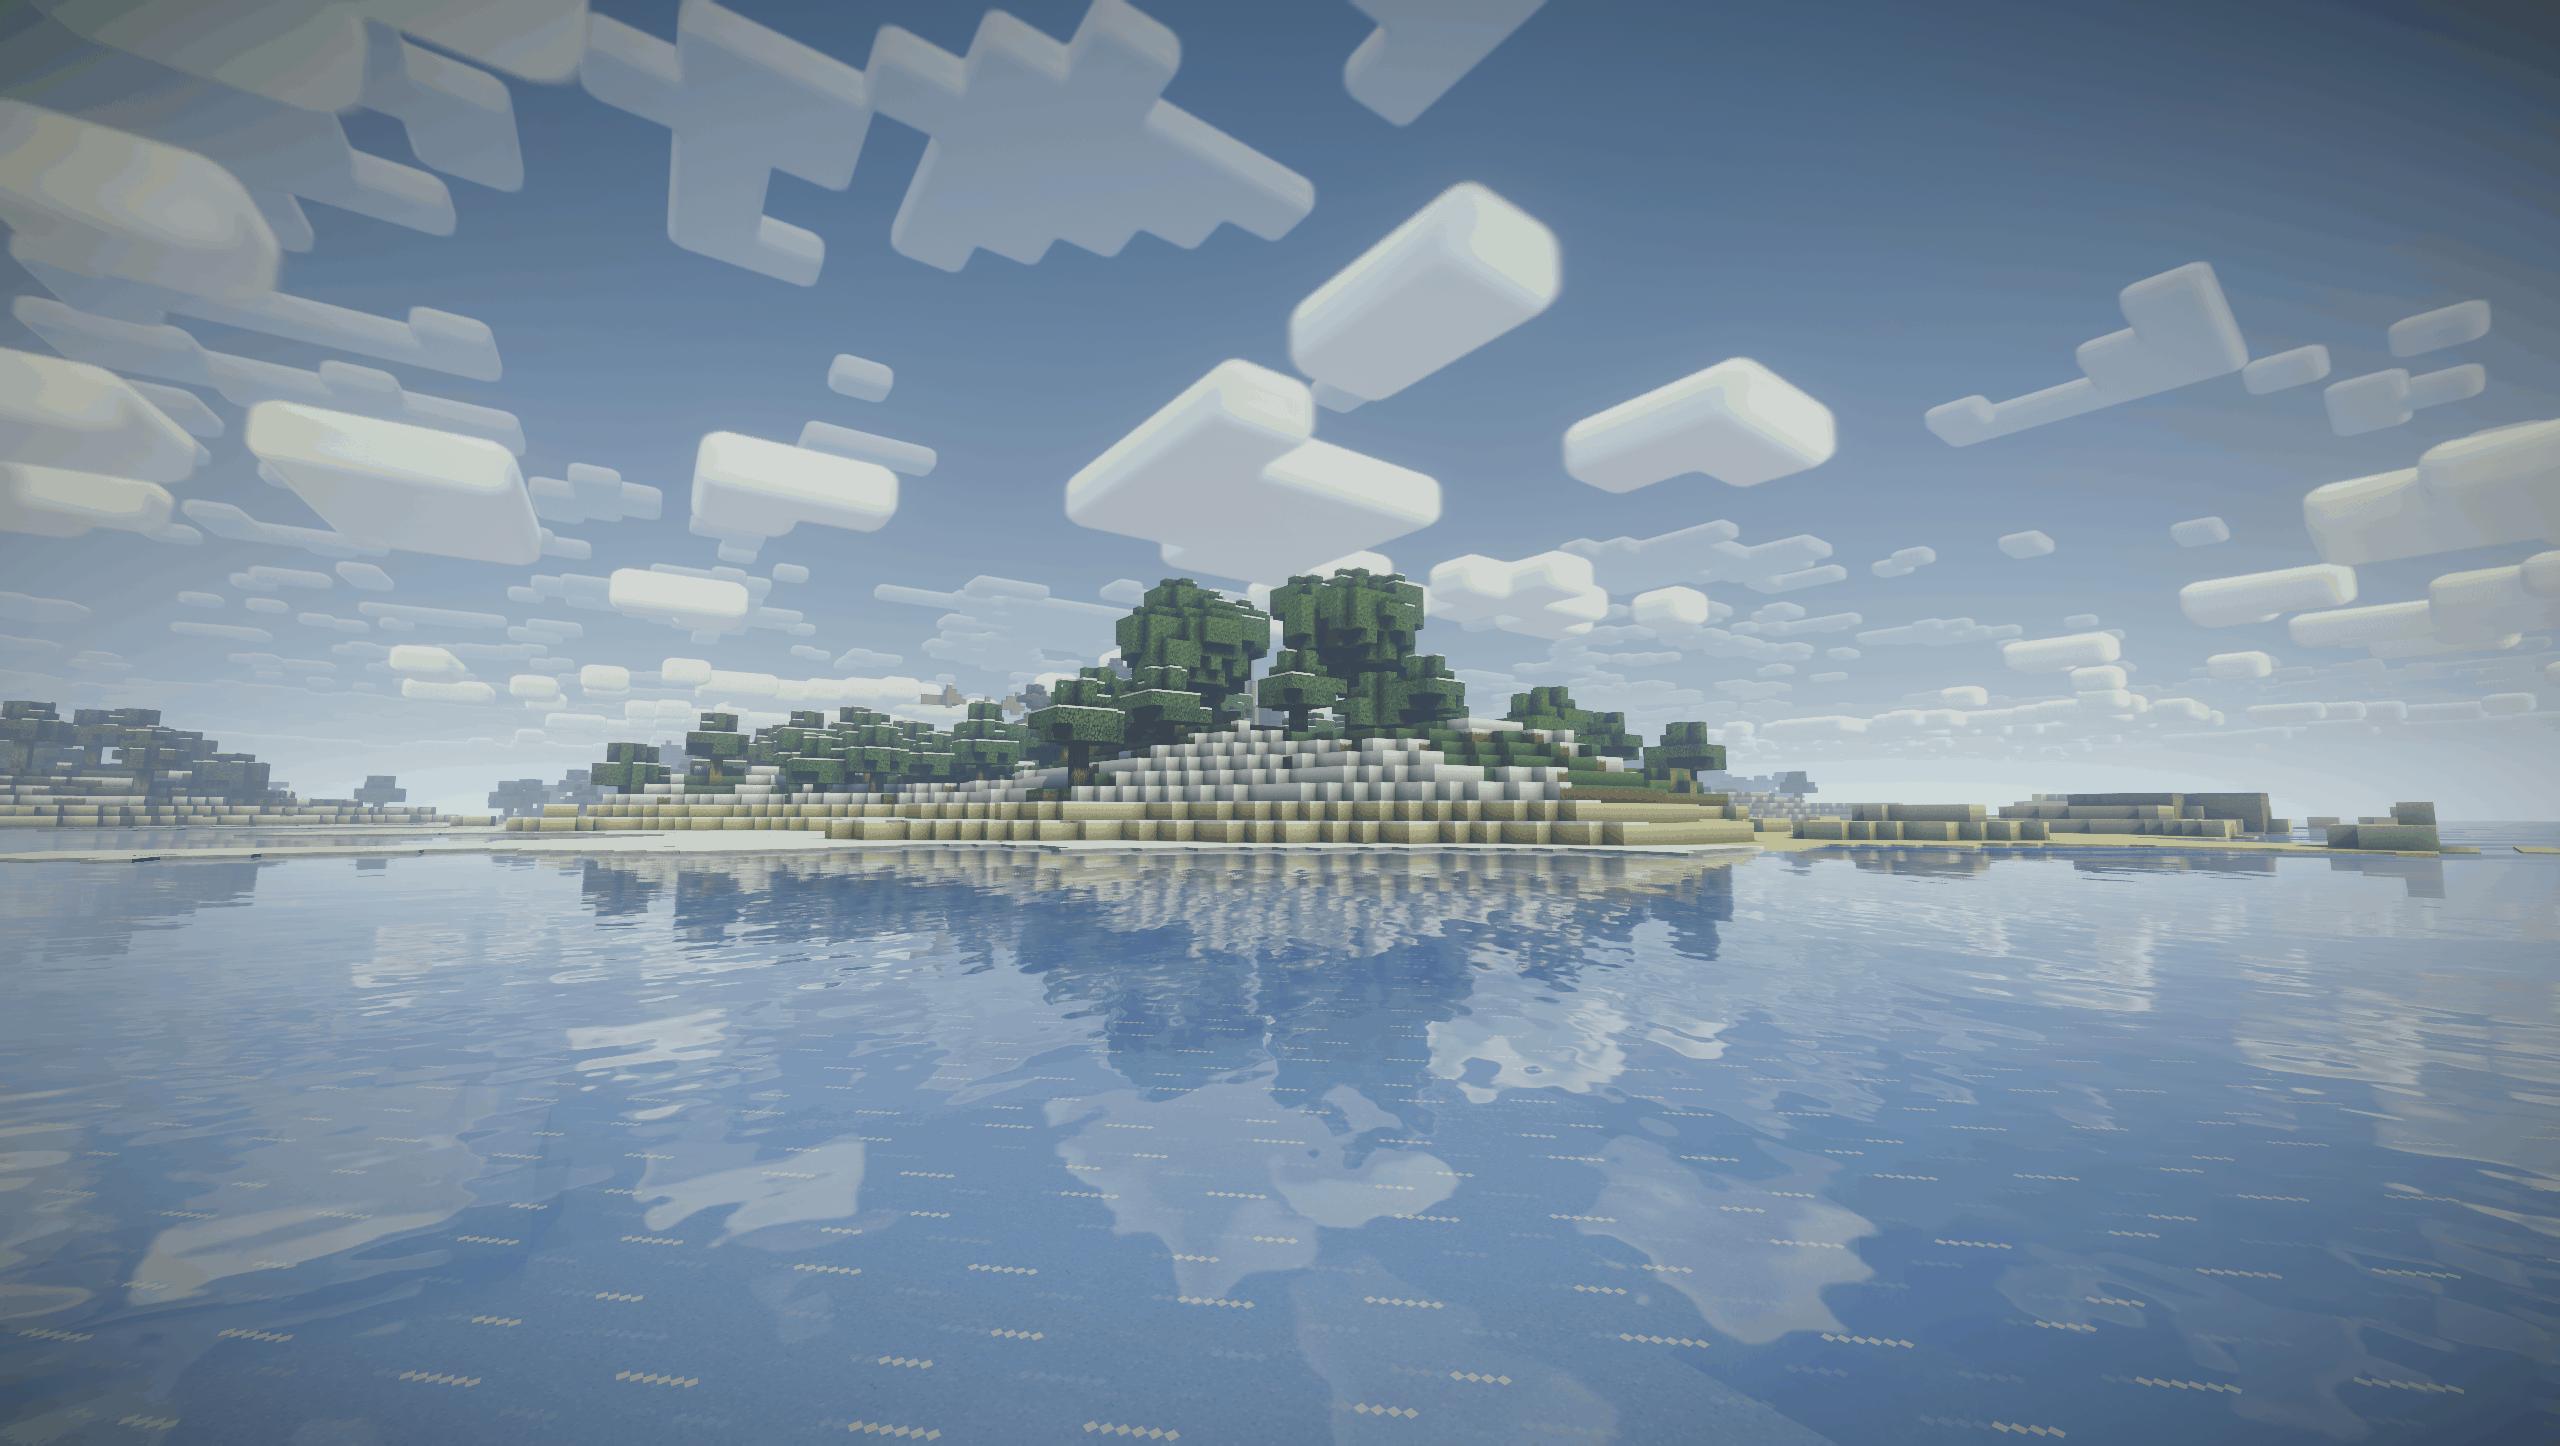 Nostalgia Shader - Une île avec une plage